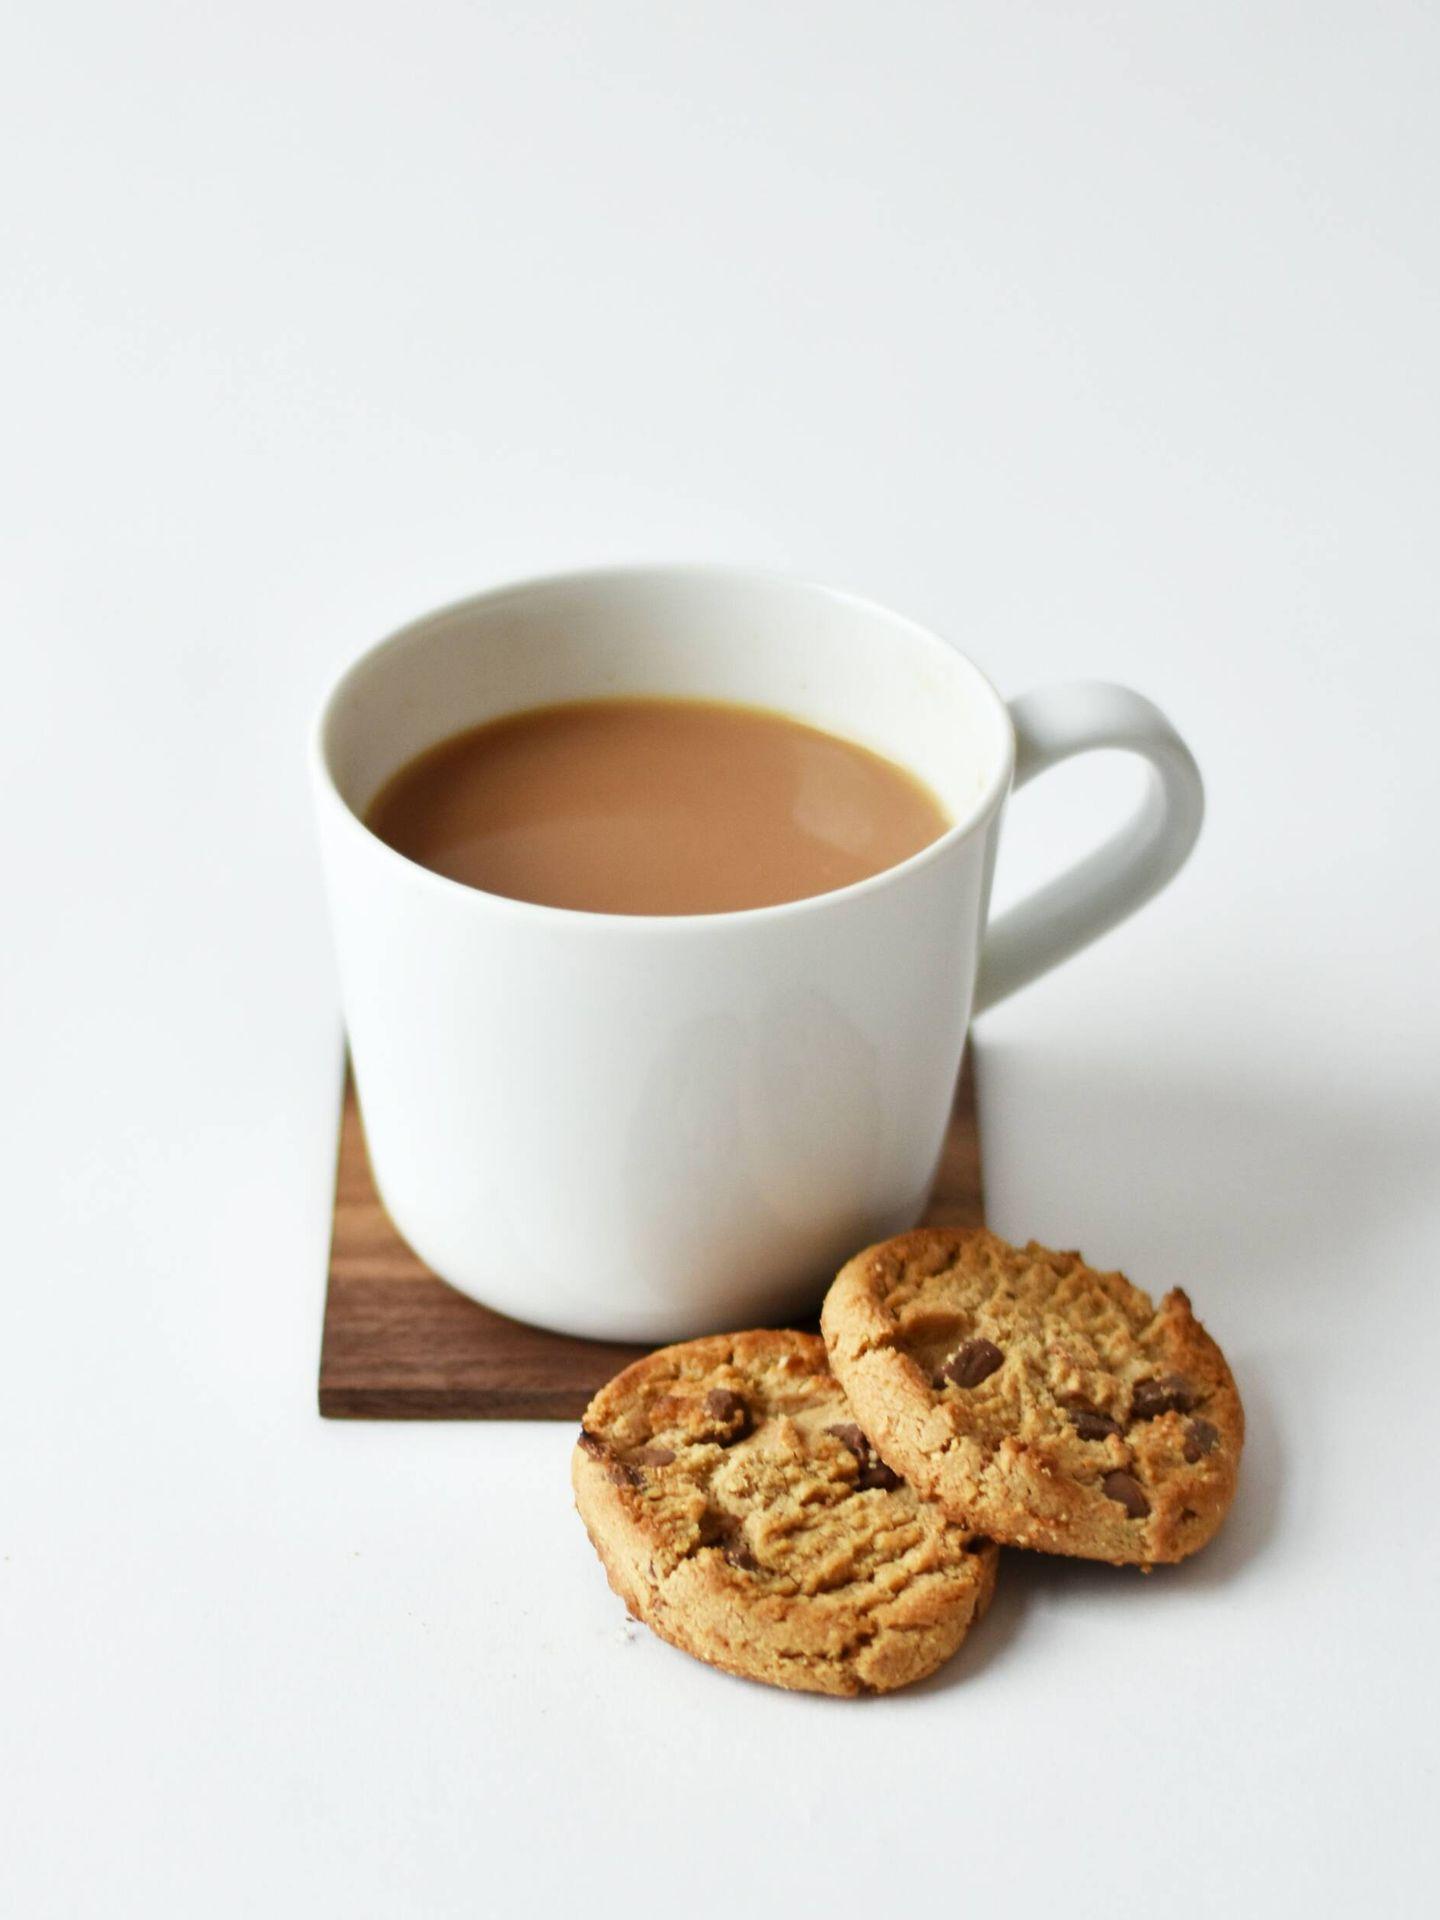 Bebidas saludables y antioxidantes para sustituir al café. (Rumman Amin para Unsplash)